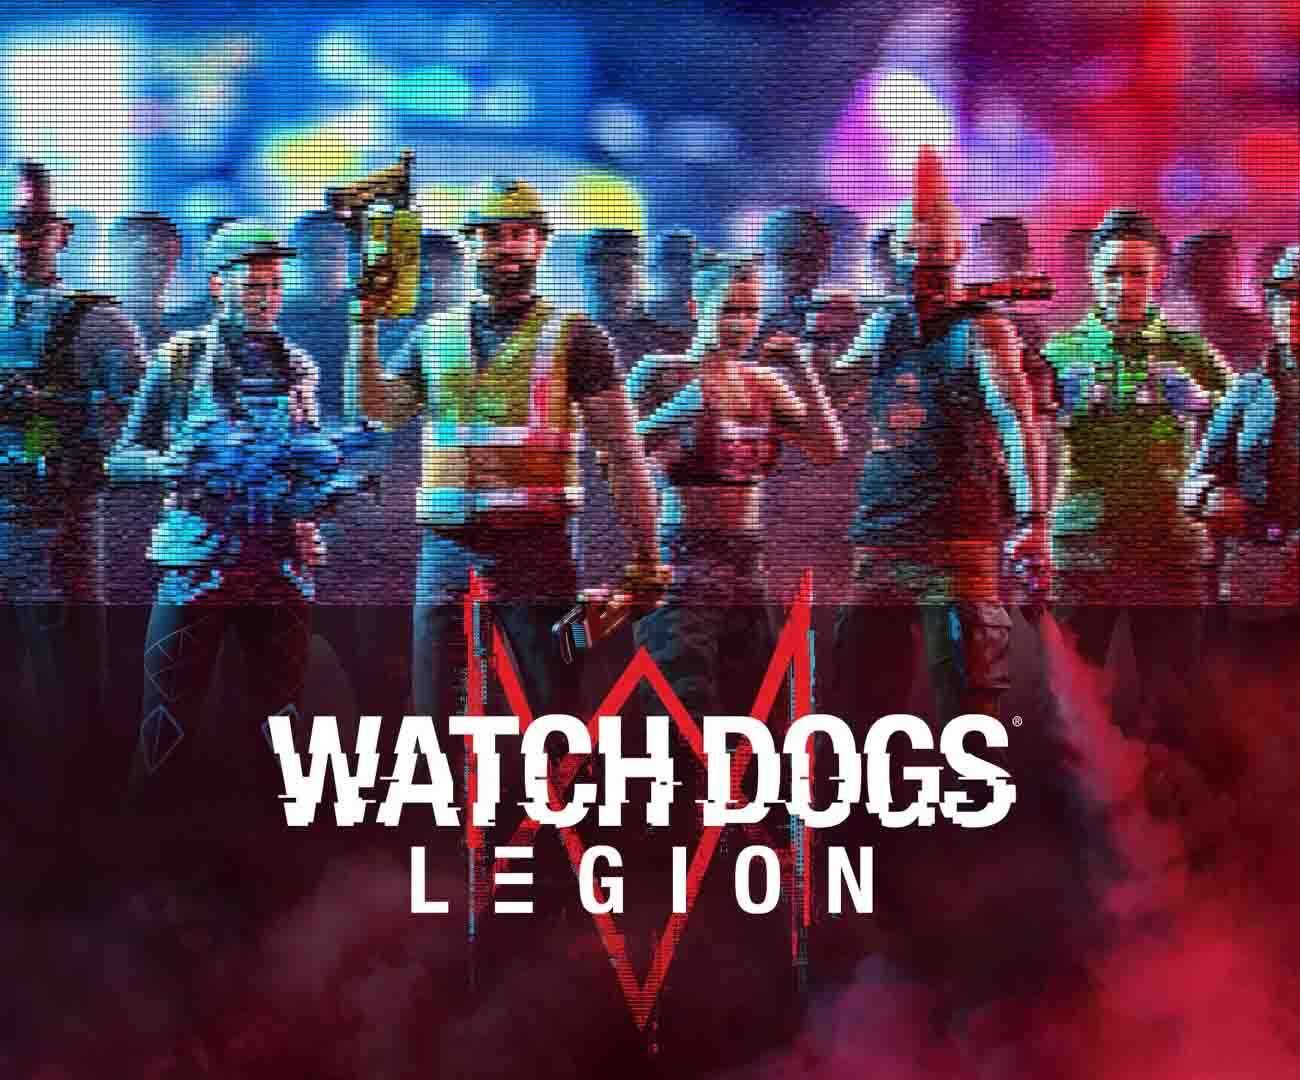 Watch Dogs Legion na Xbox Series S to jakość poprzedniej generacji